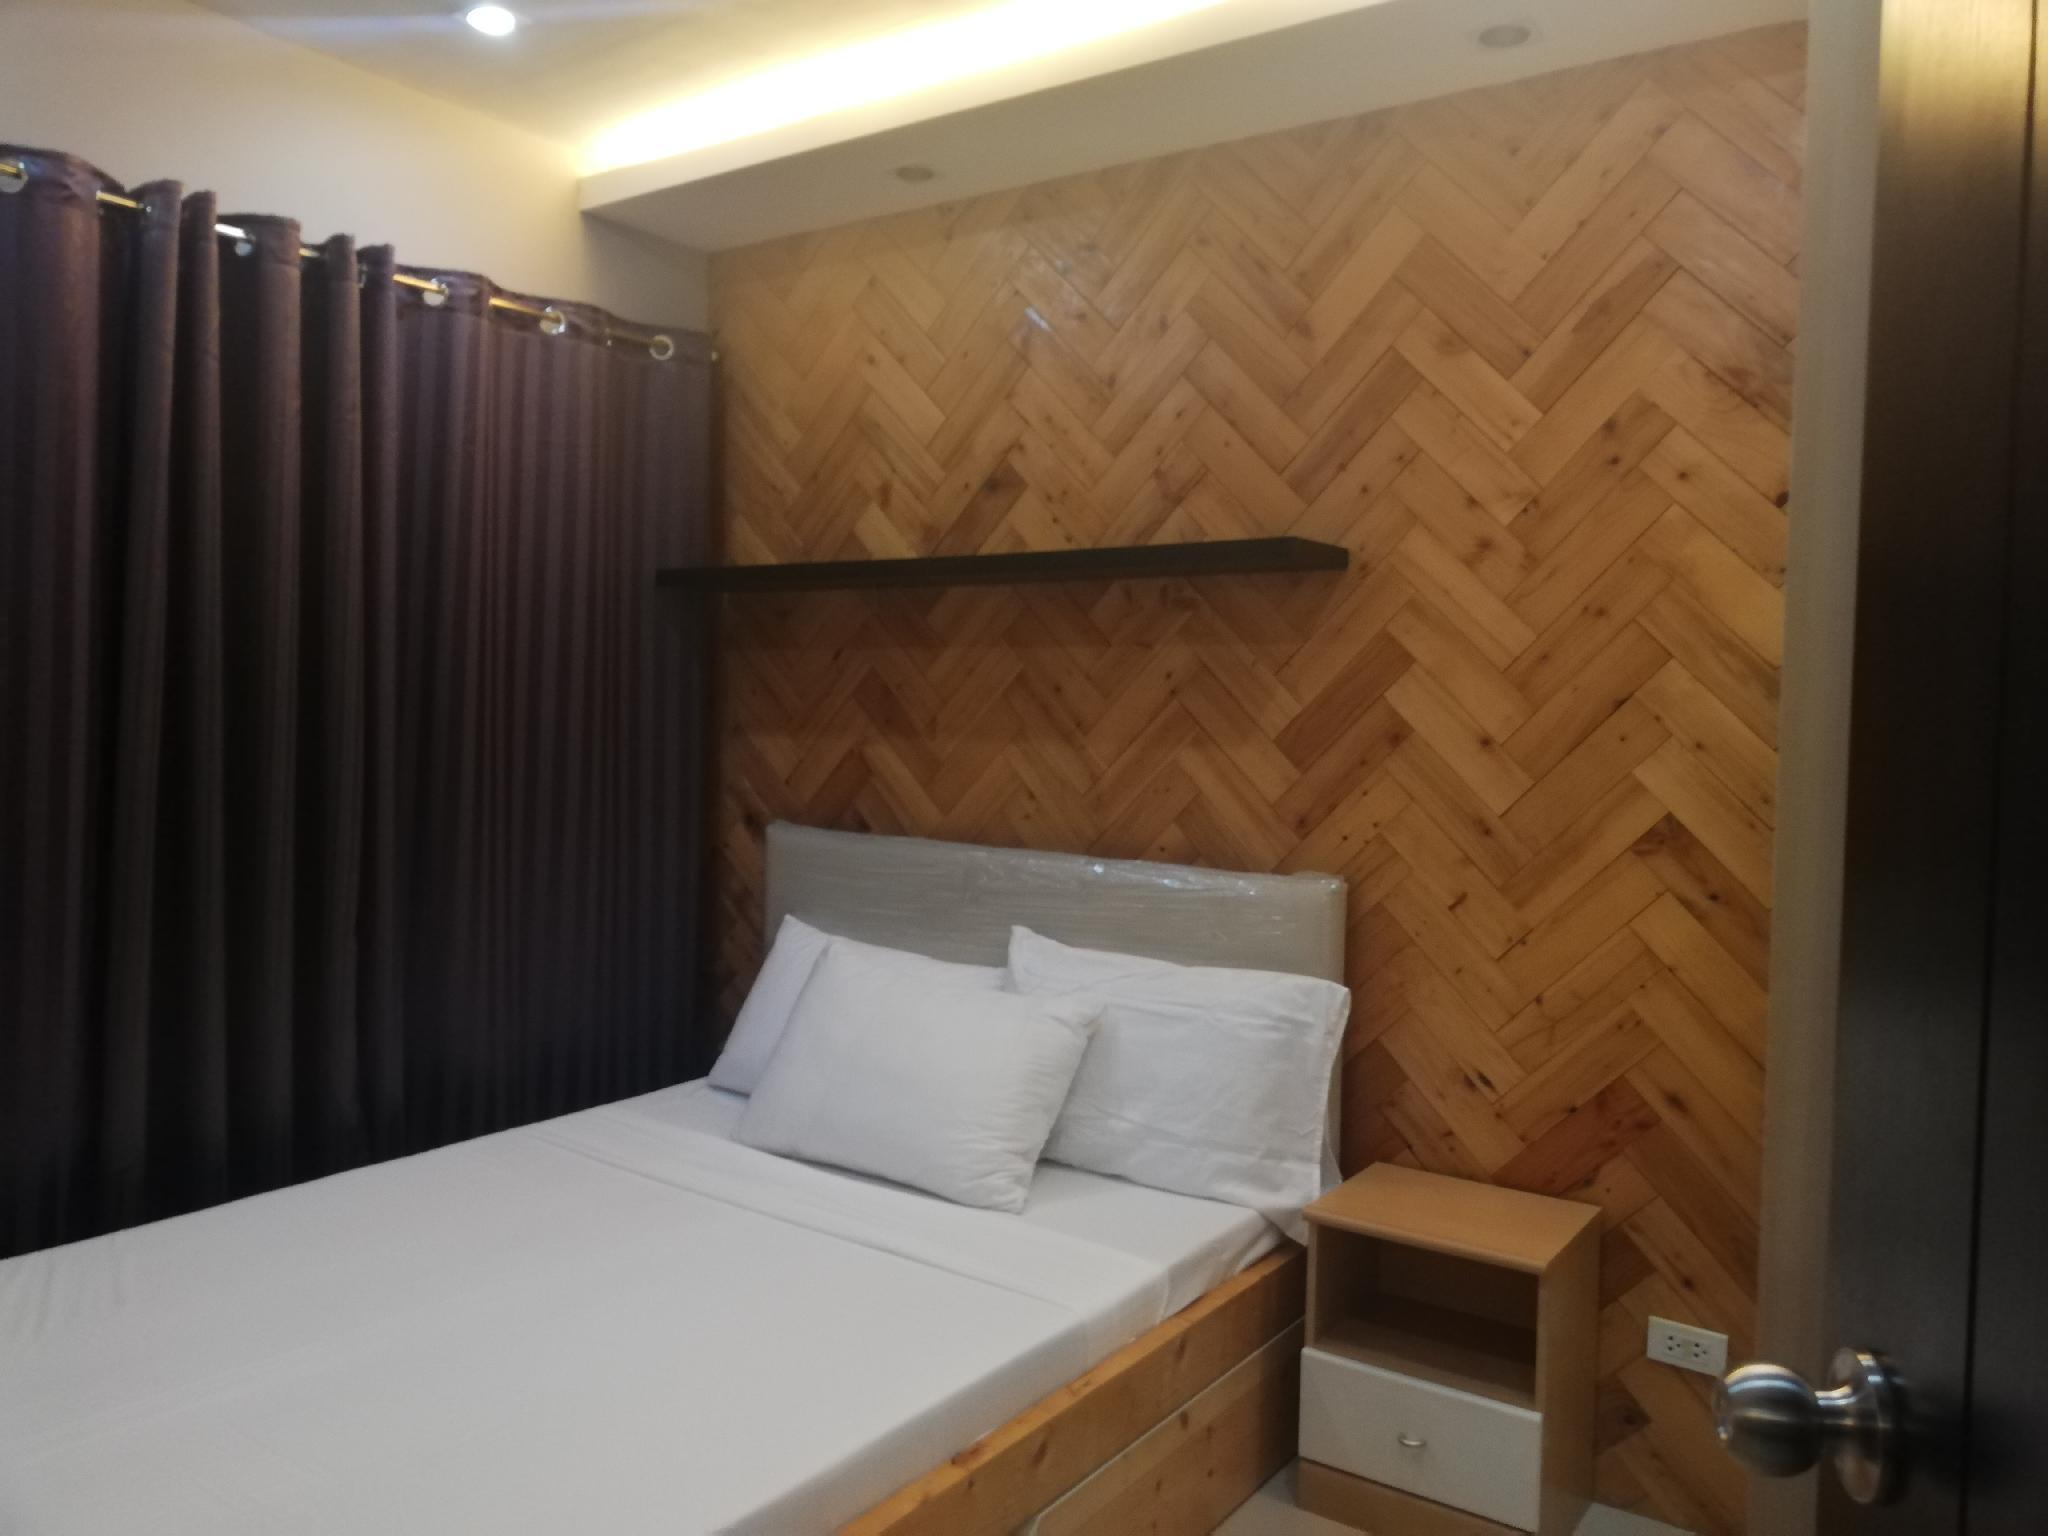 Simple And Affordable Studio Condominium In CDO